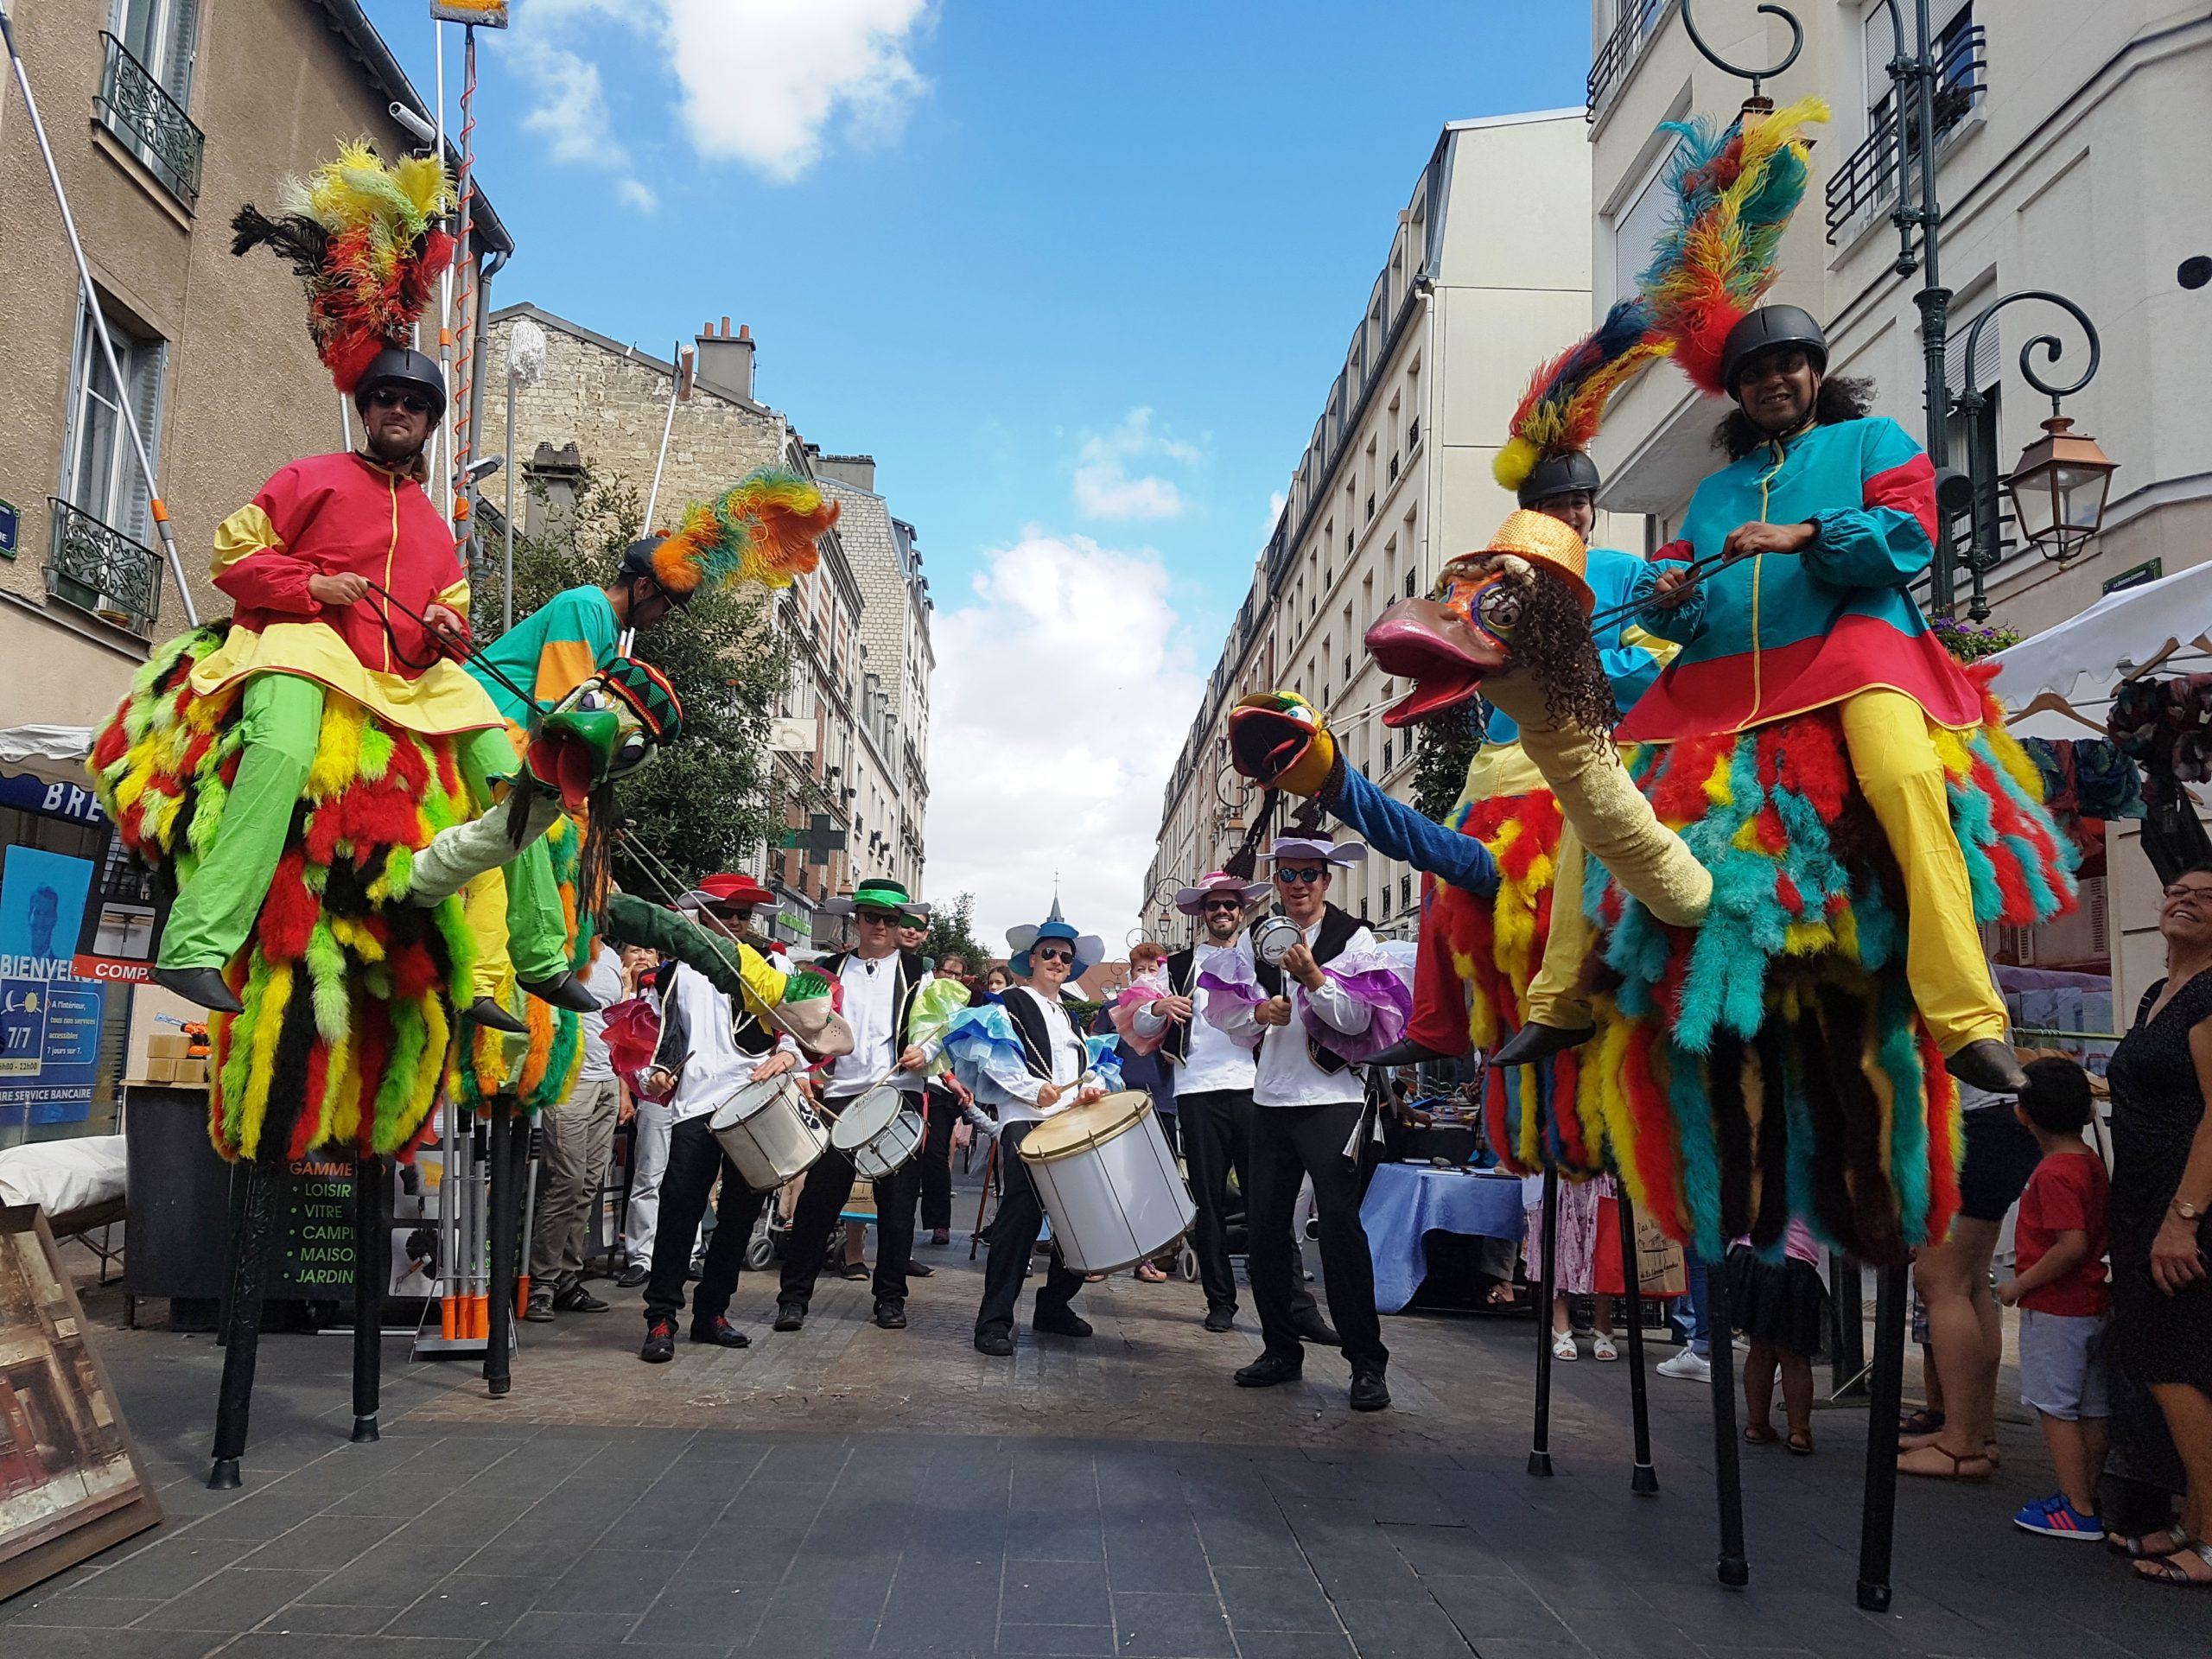 spectacle de rue echassier avec musicien batucada